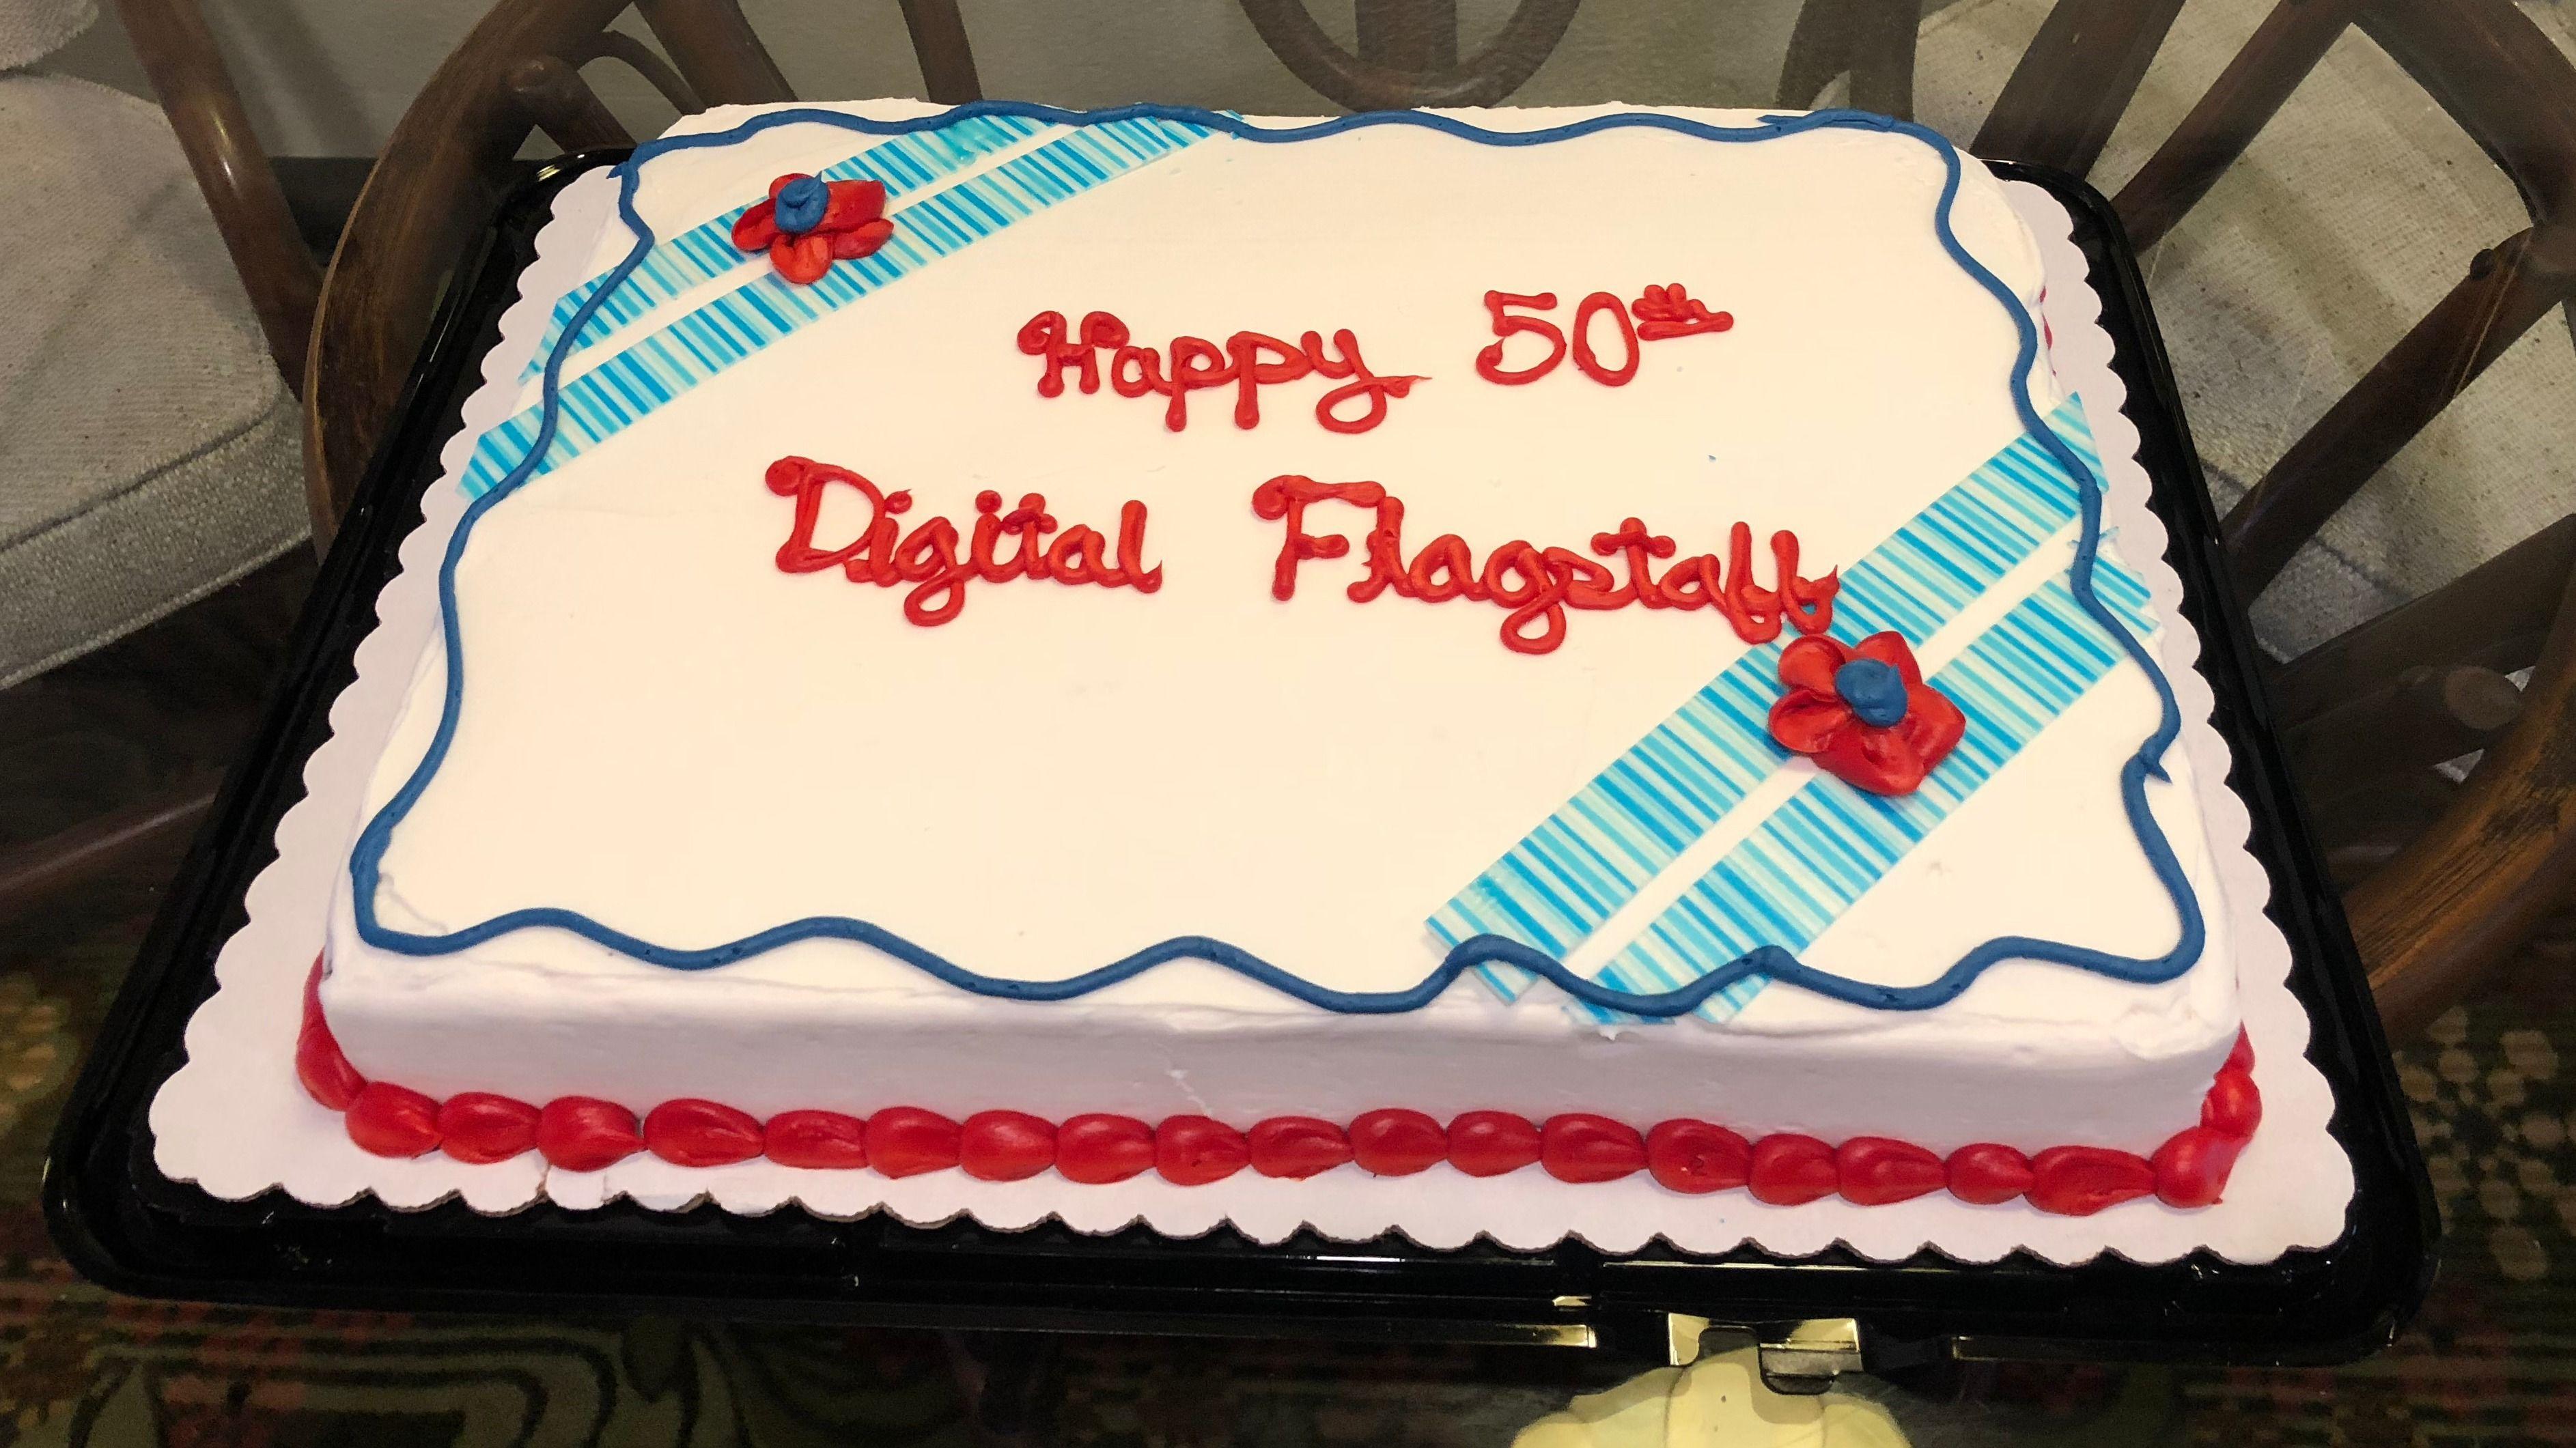 Digital Flagstaff